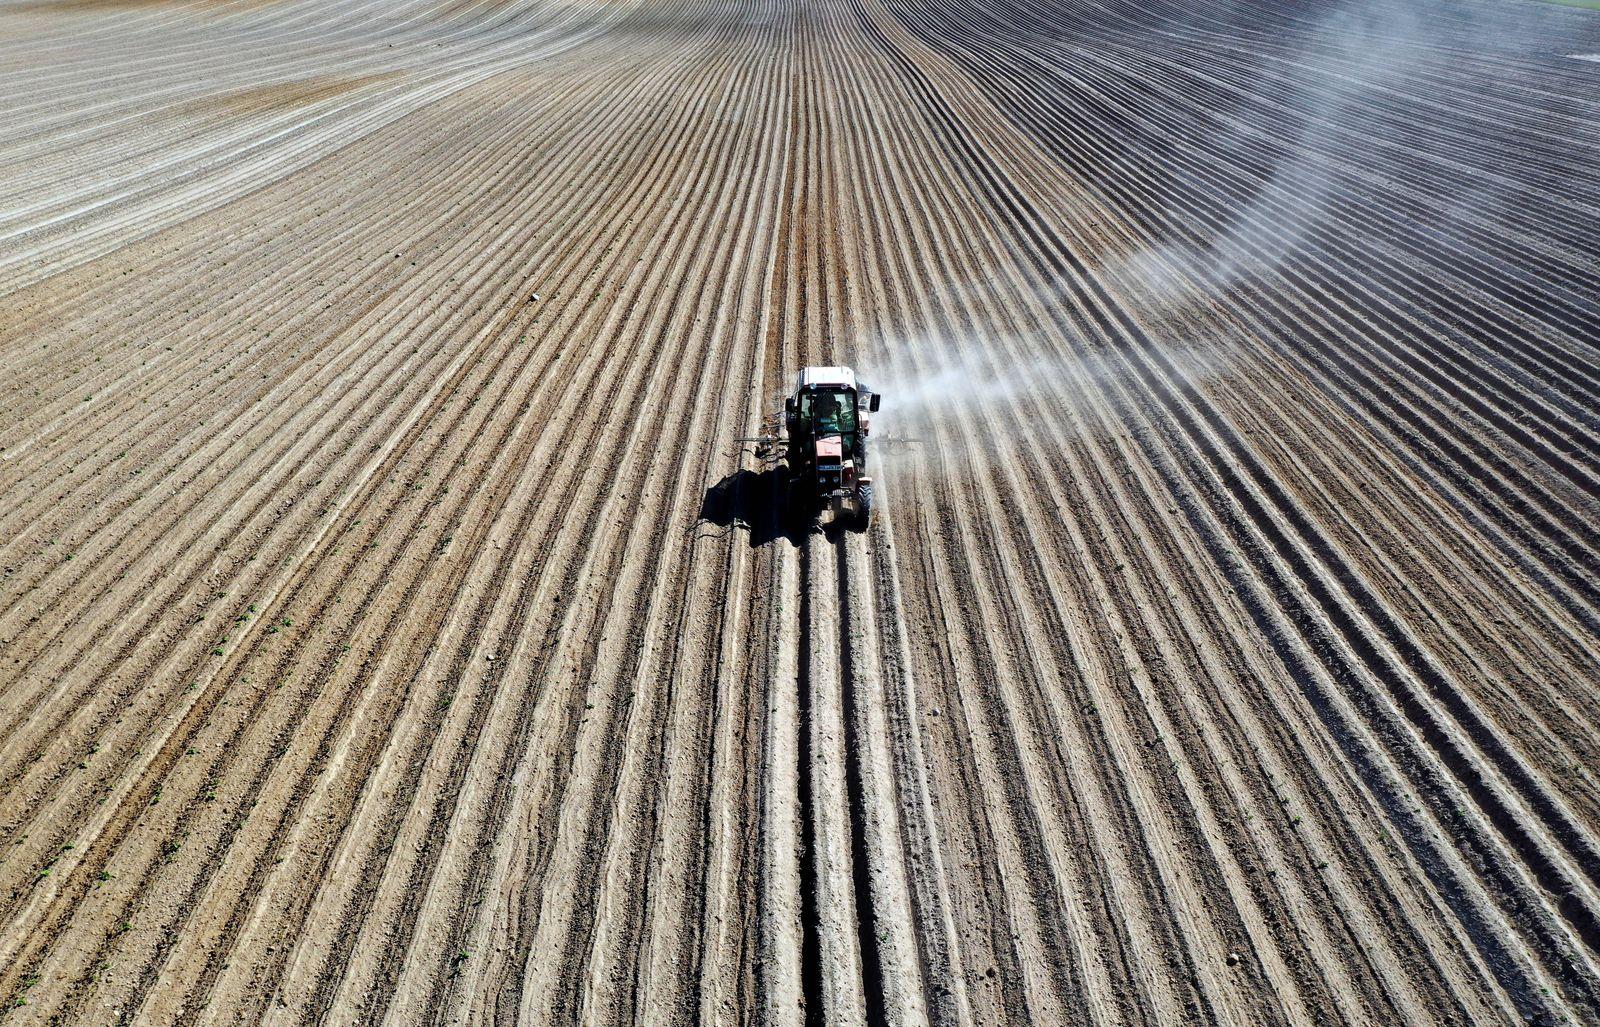 Landwirtschaft Biohof Muenchenberge, DEU, 20.05.2020 - Durch die anhaltende Trockenheit zieht ein Traktor bei der Bearb